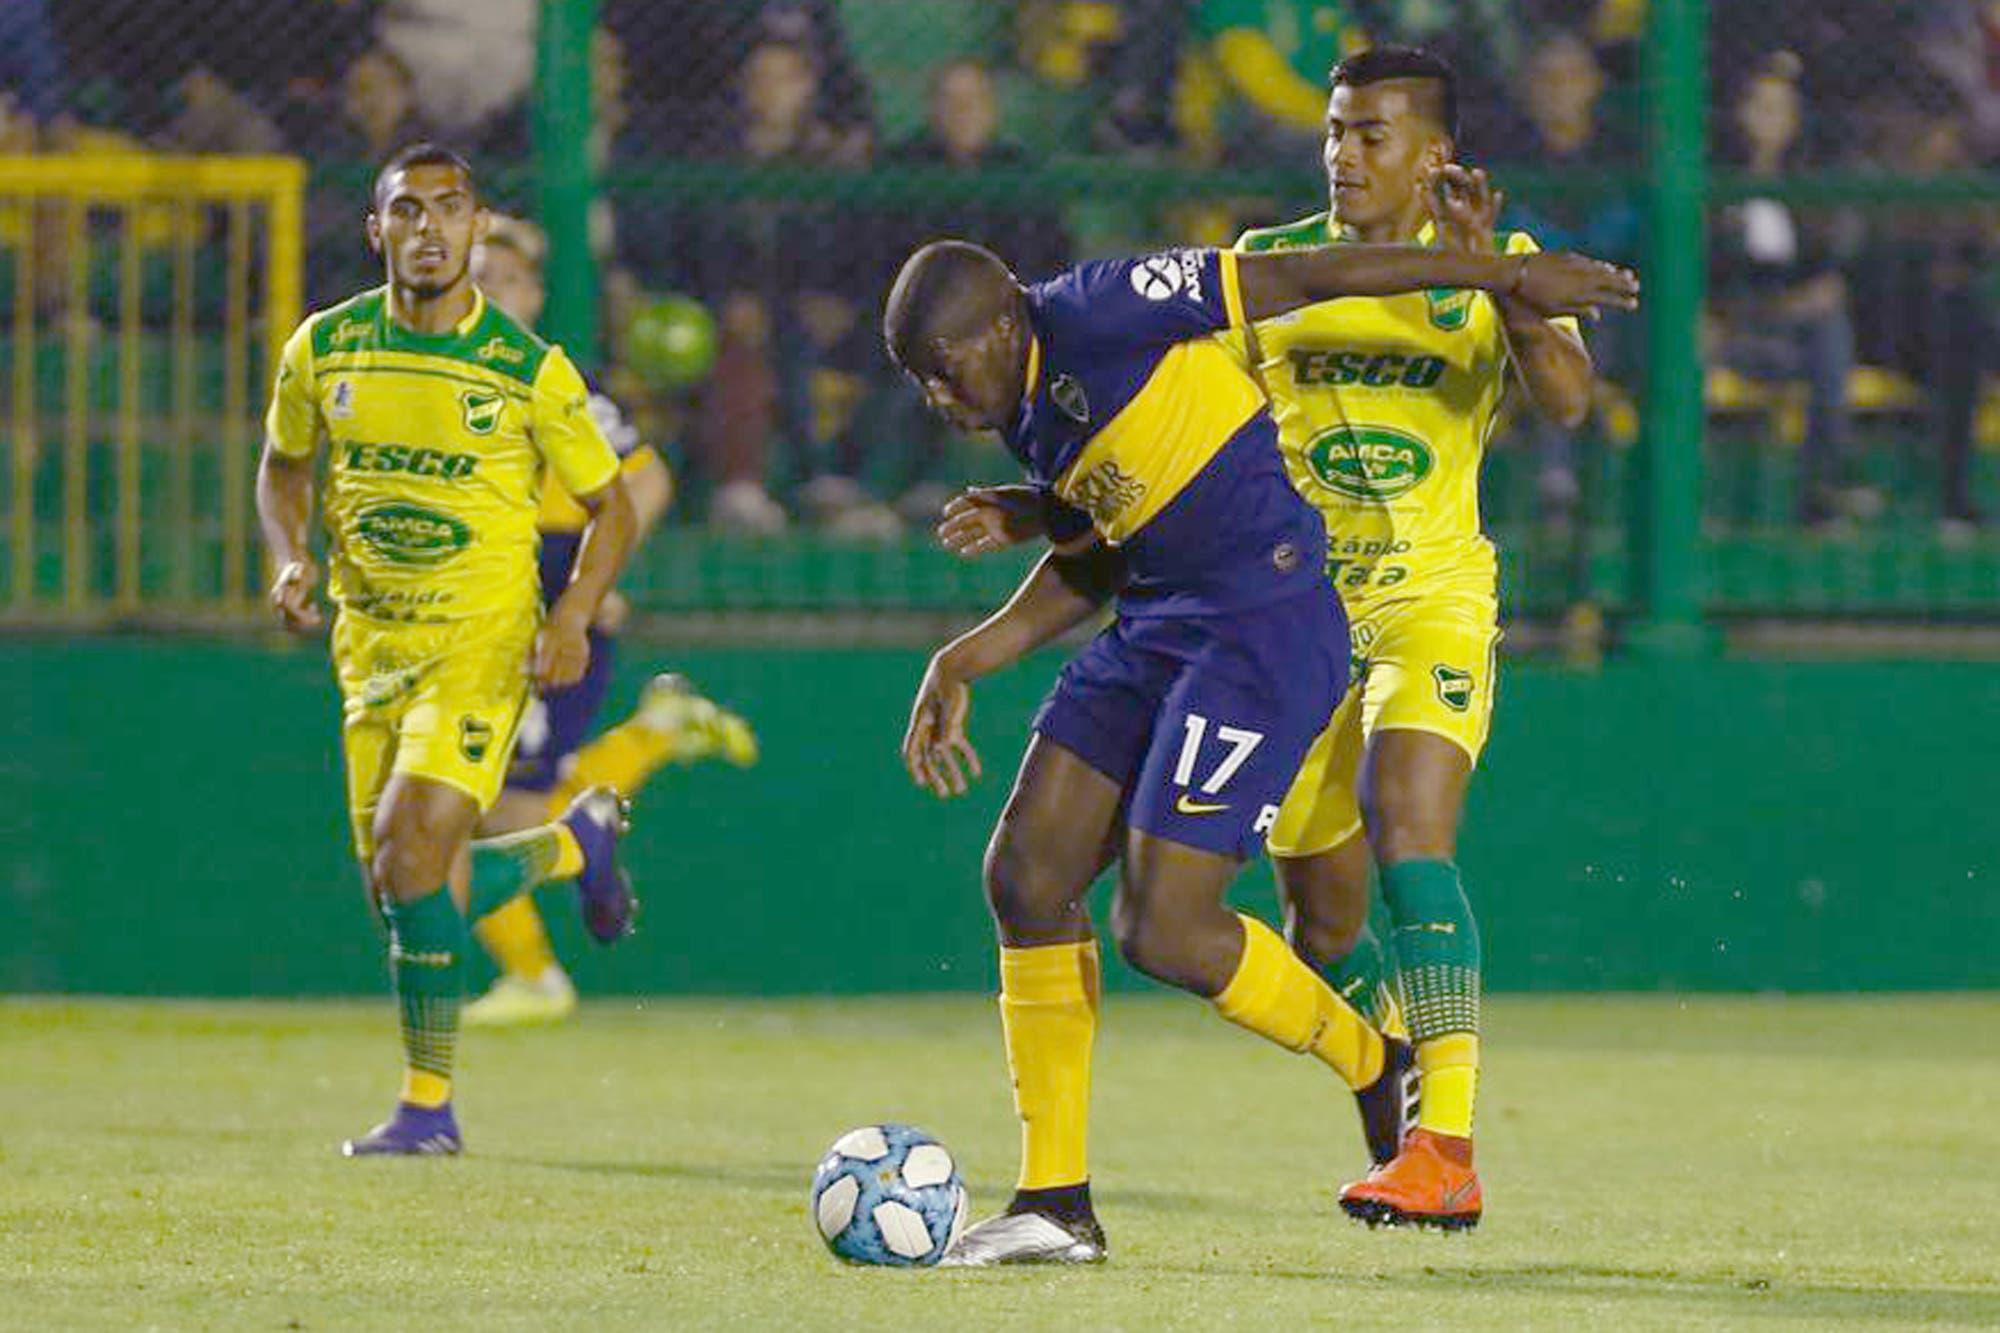 Defensa y Justicia-Boca, por la Superliga: Almendra le da a los xeneizes el primer grito en Florencio Varela